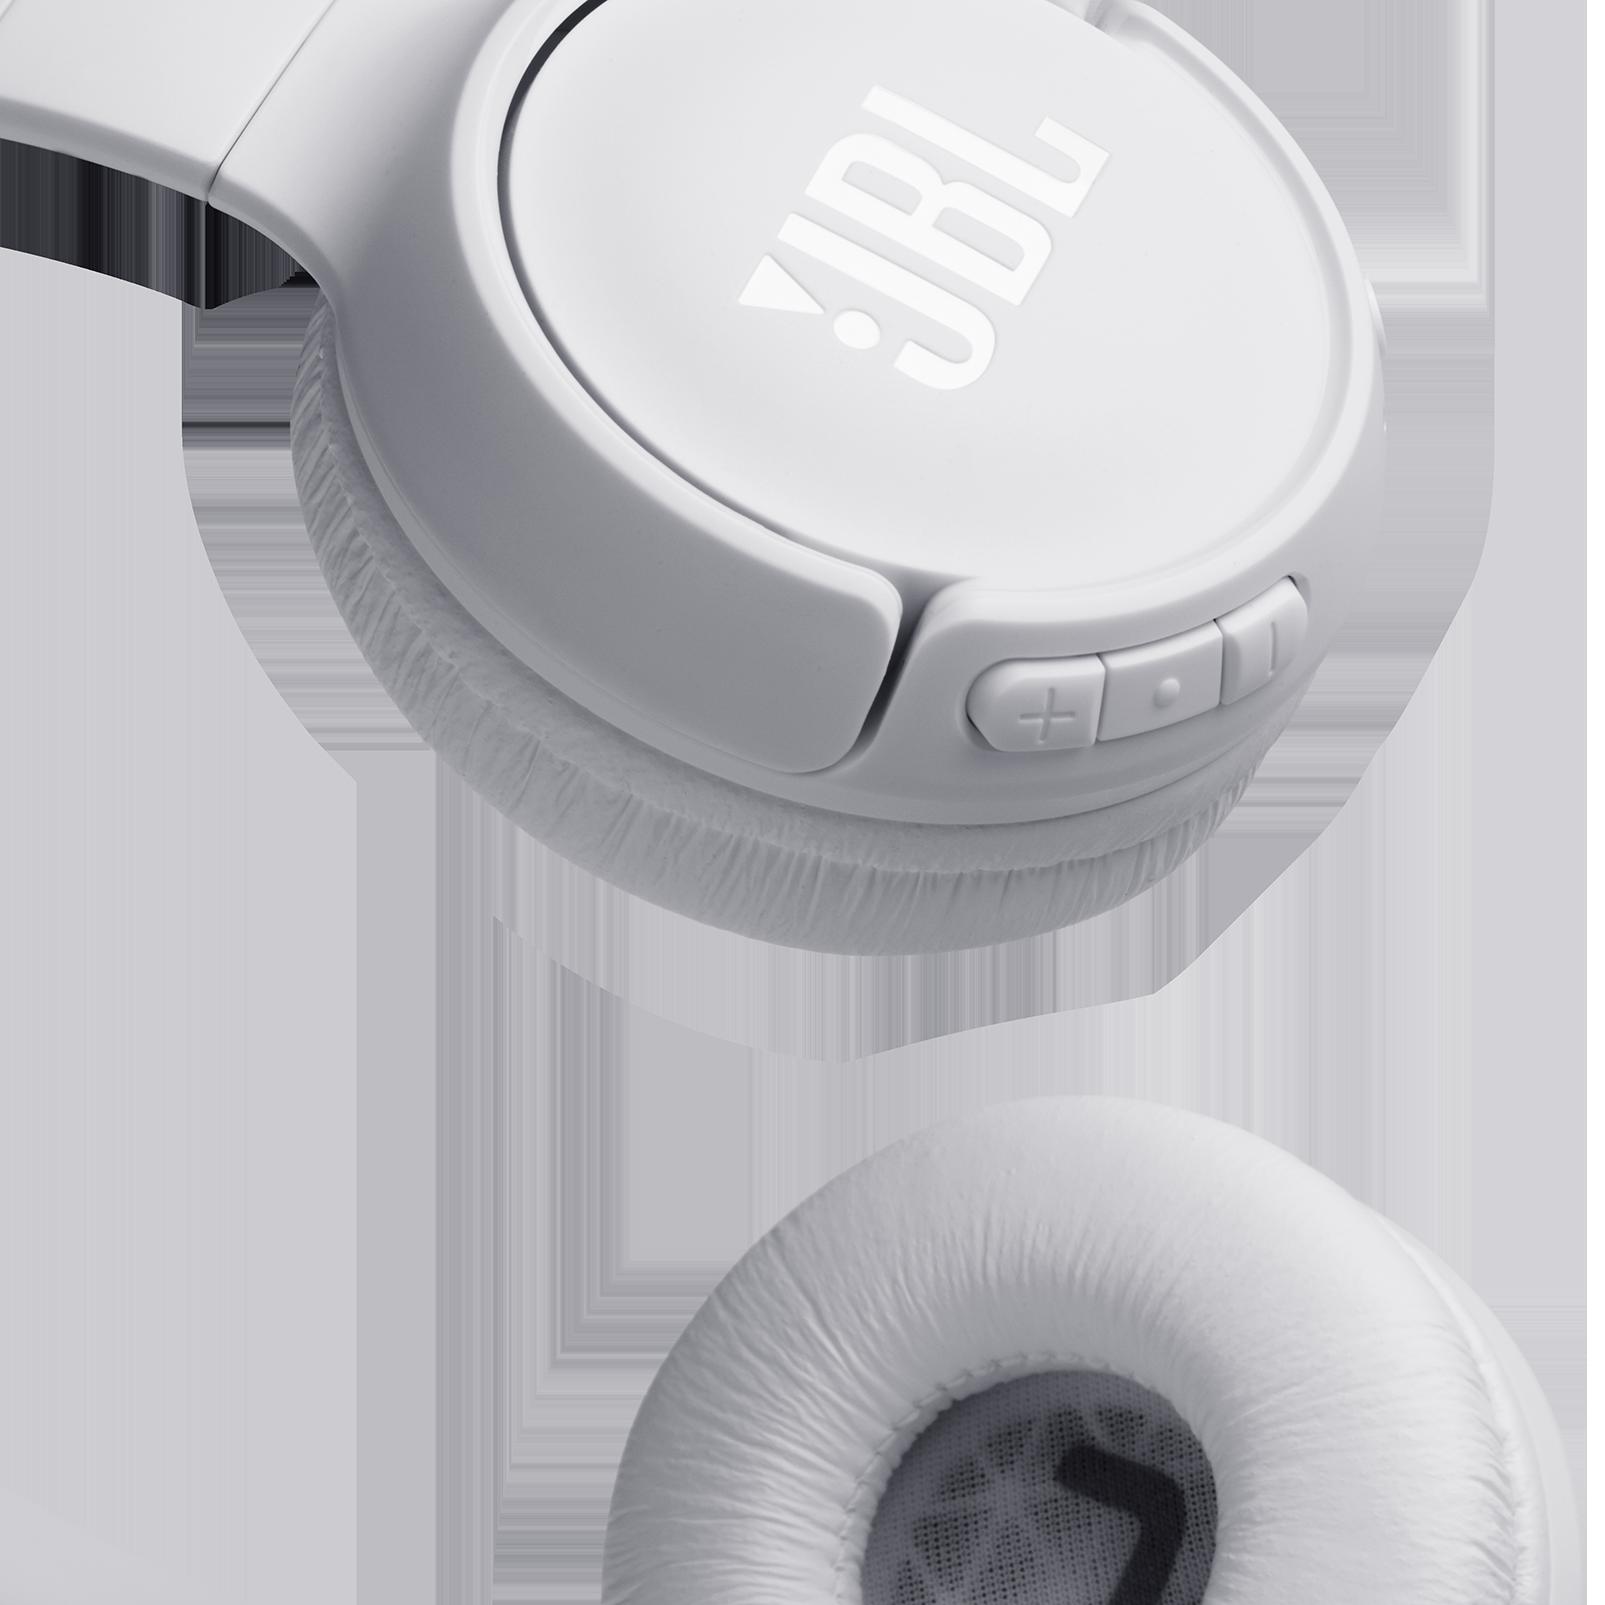 JBL TUNE 560BT - White - Wireless on-ear headphones - Detailshot 1